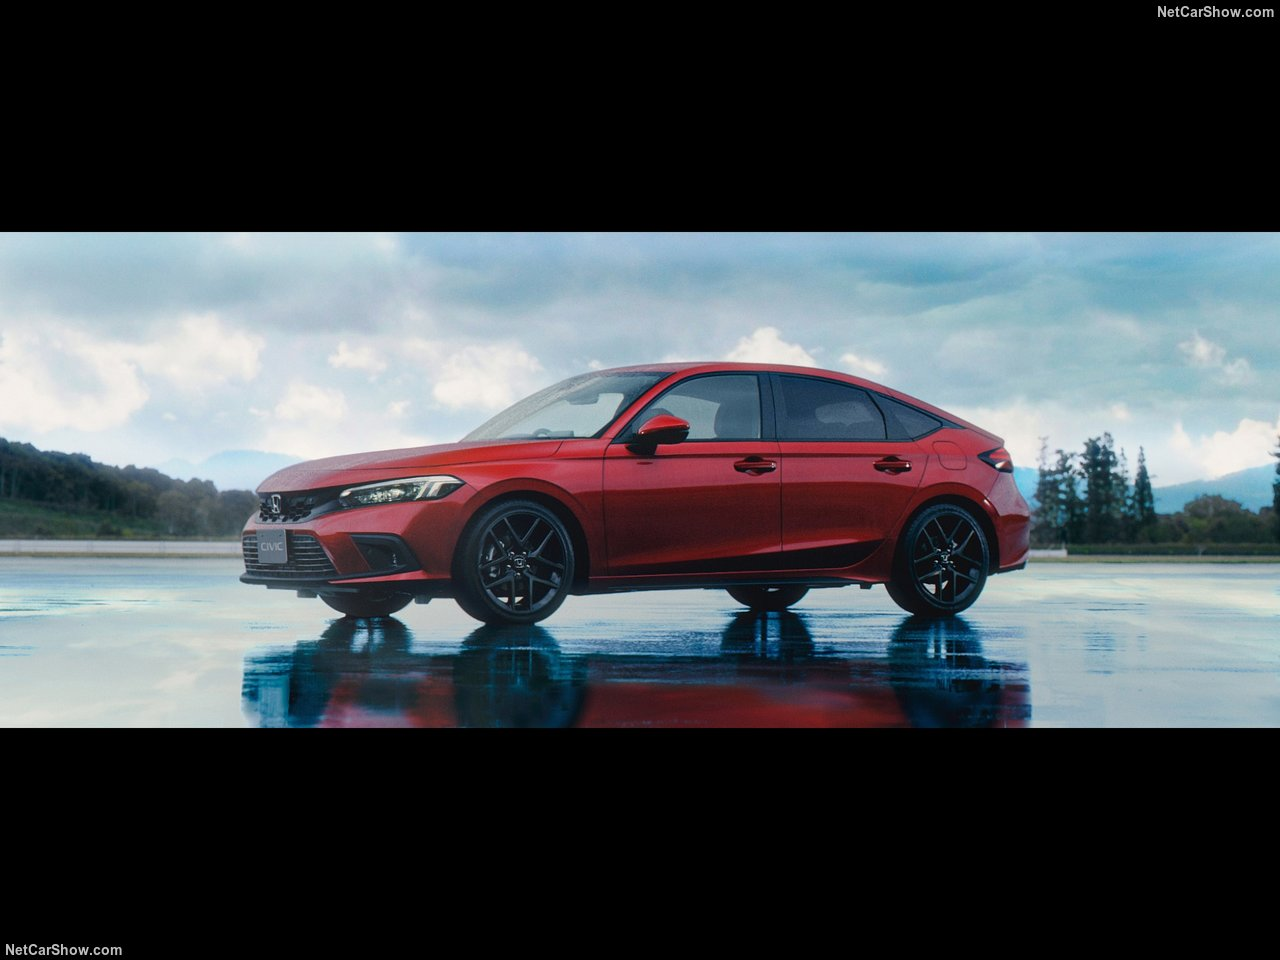 Что касается безопасности, автомобиль оснащен комплектом Honda Sensing Suites нового поколения.